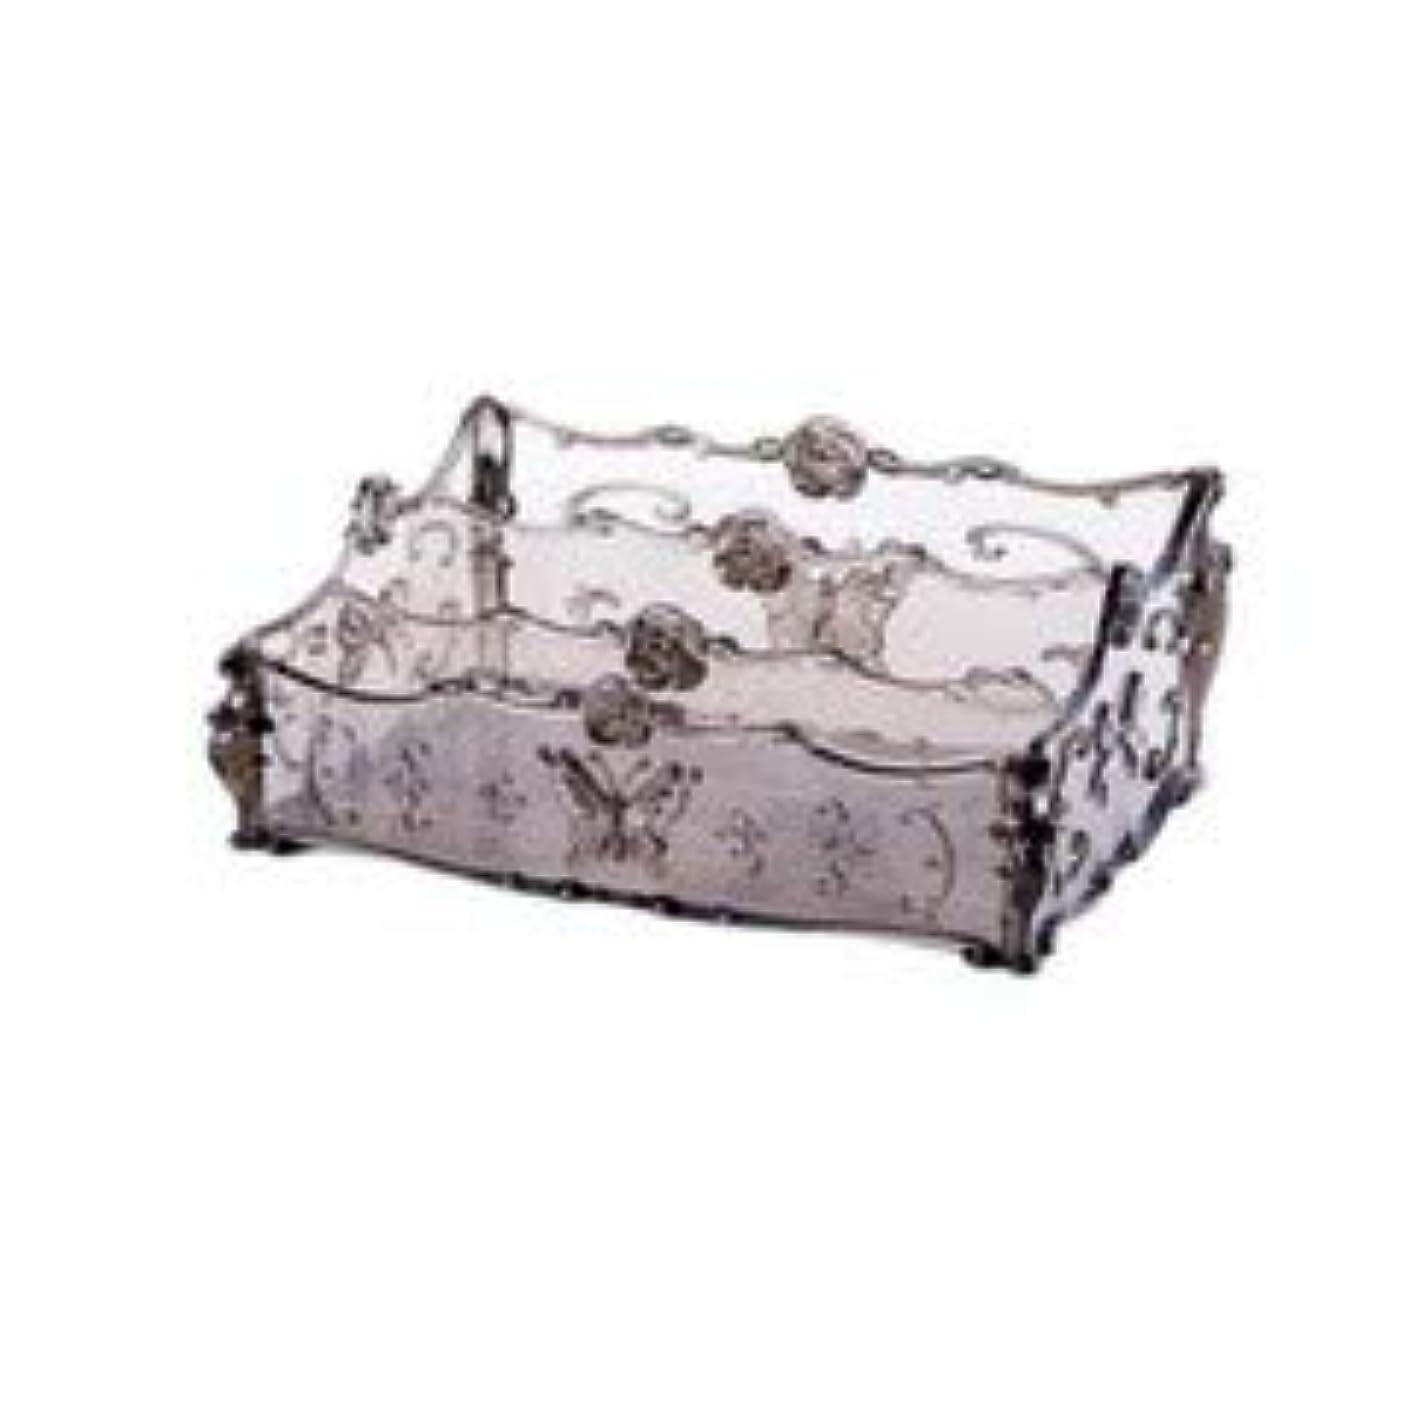 信者パッケージ見物人フラワー彫刻デスクトップ化粧品収納ボックス化粧台透明ラック家庭用プラスチックマルチカラースキンケア製品仕上げボックス (Color : Transparent gray)